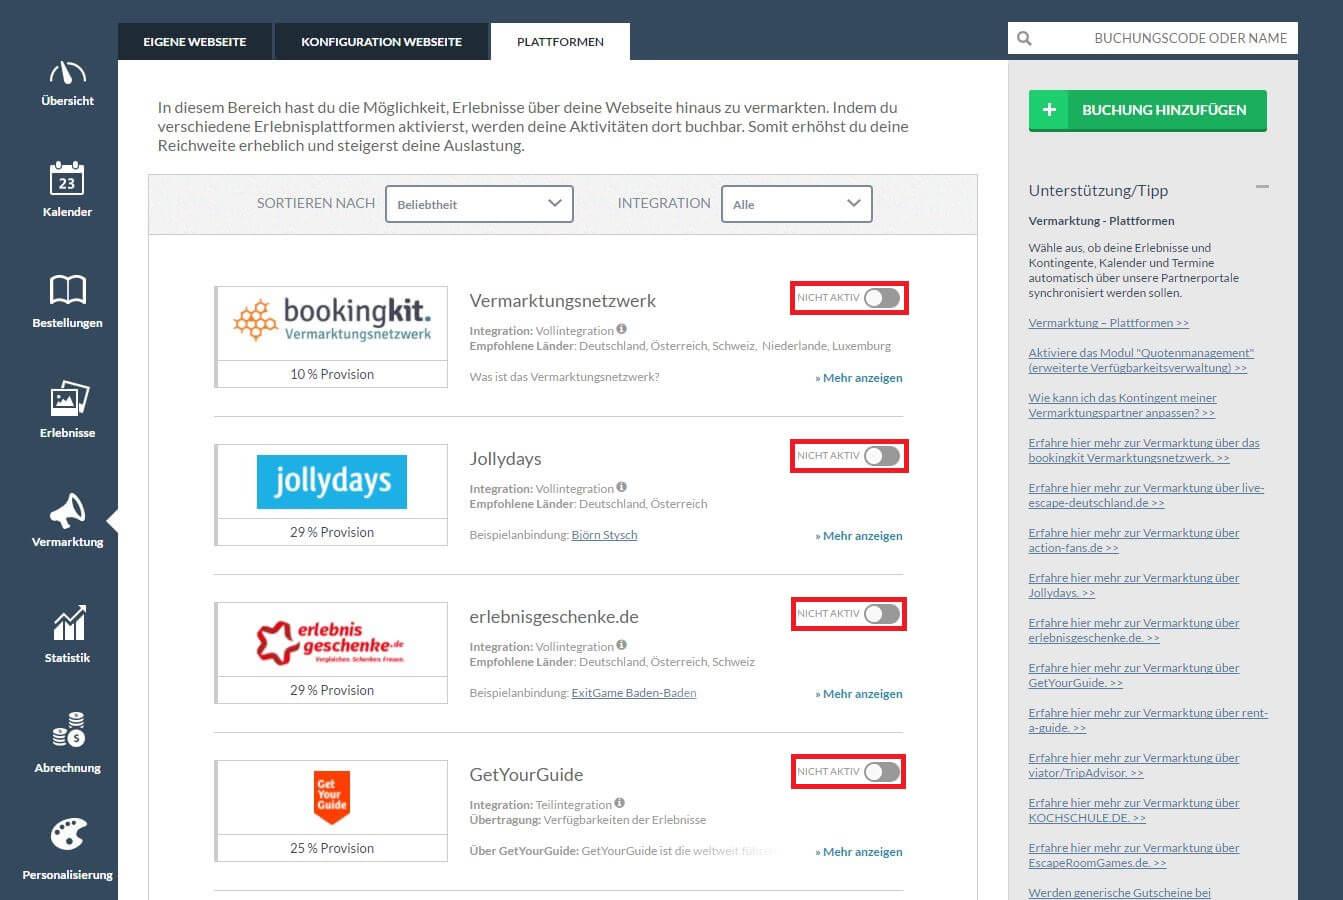 bookingkit-Überbuchungen verhindern-Buchungssystem-Kontingente-Vermarktungspartner